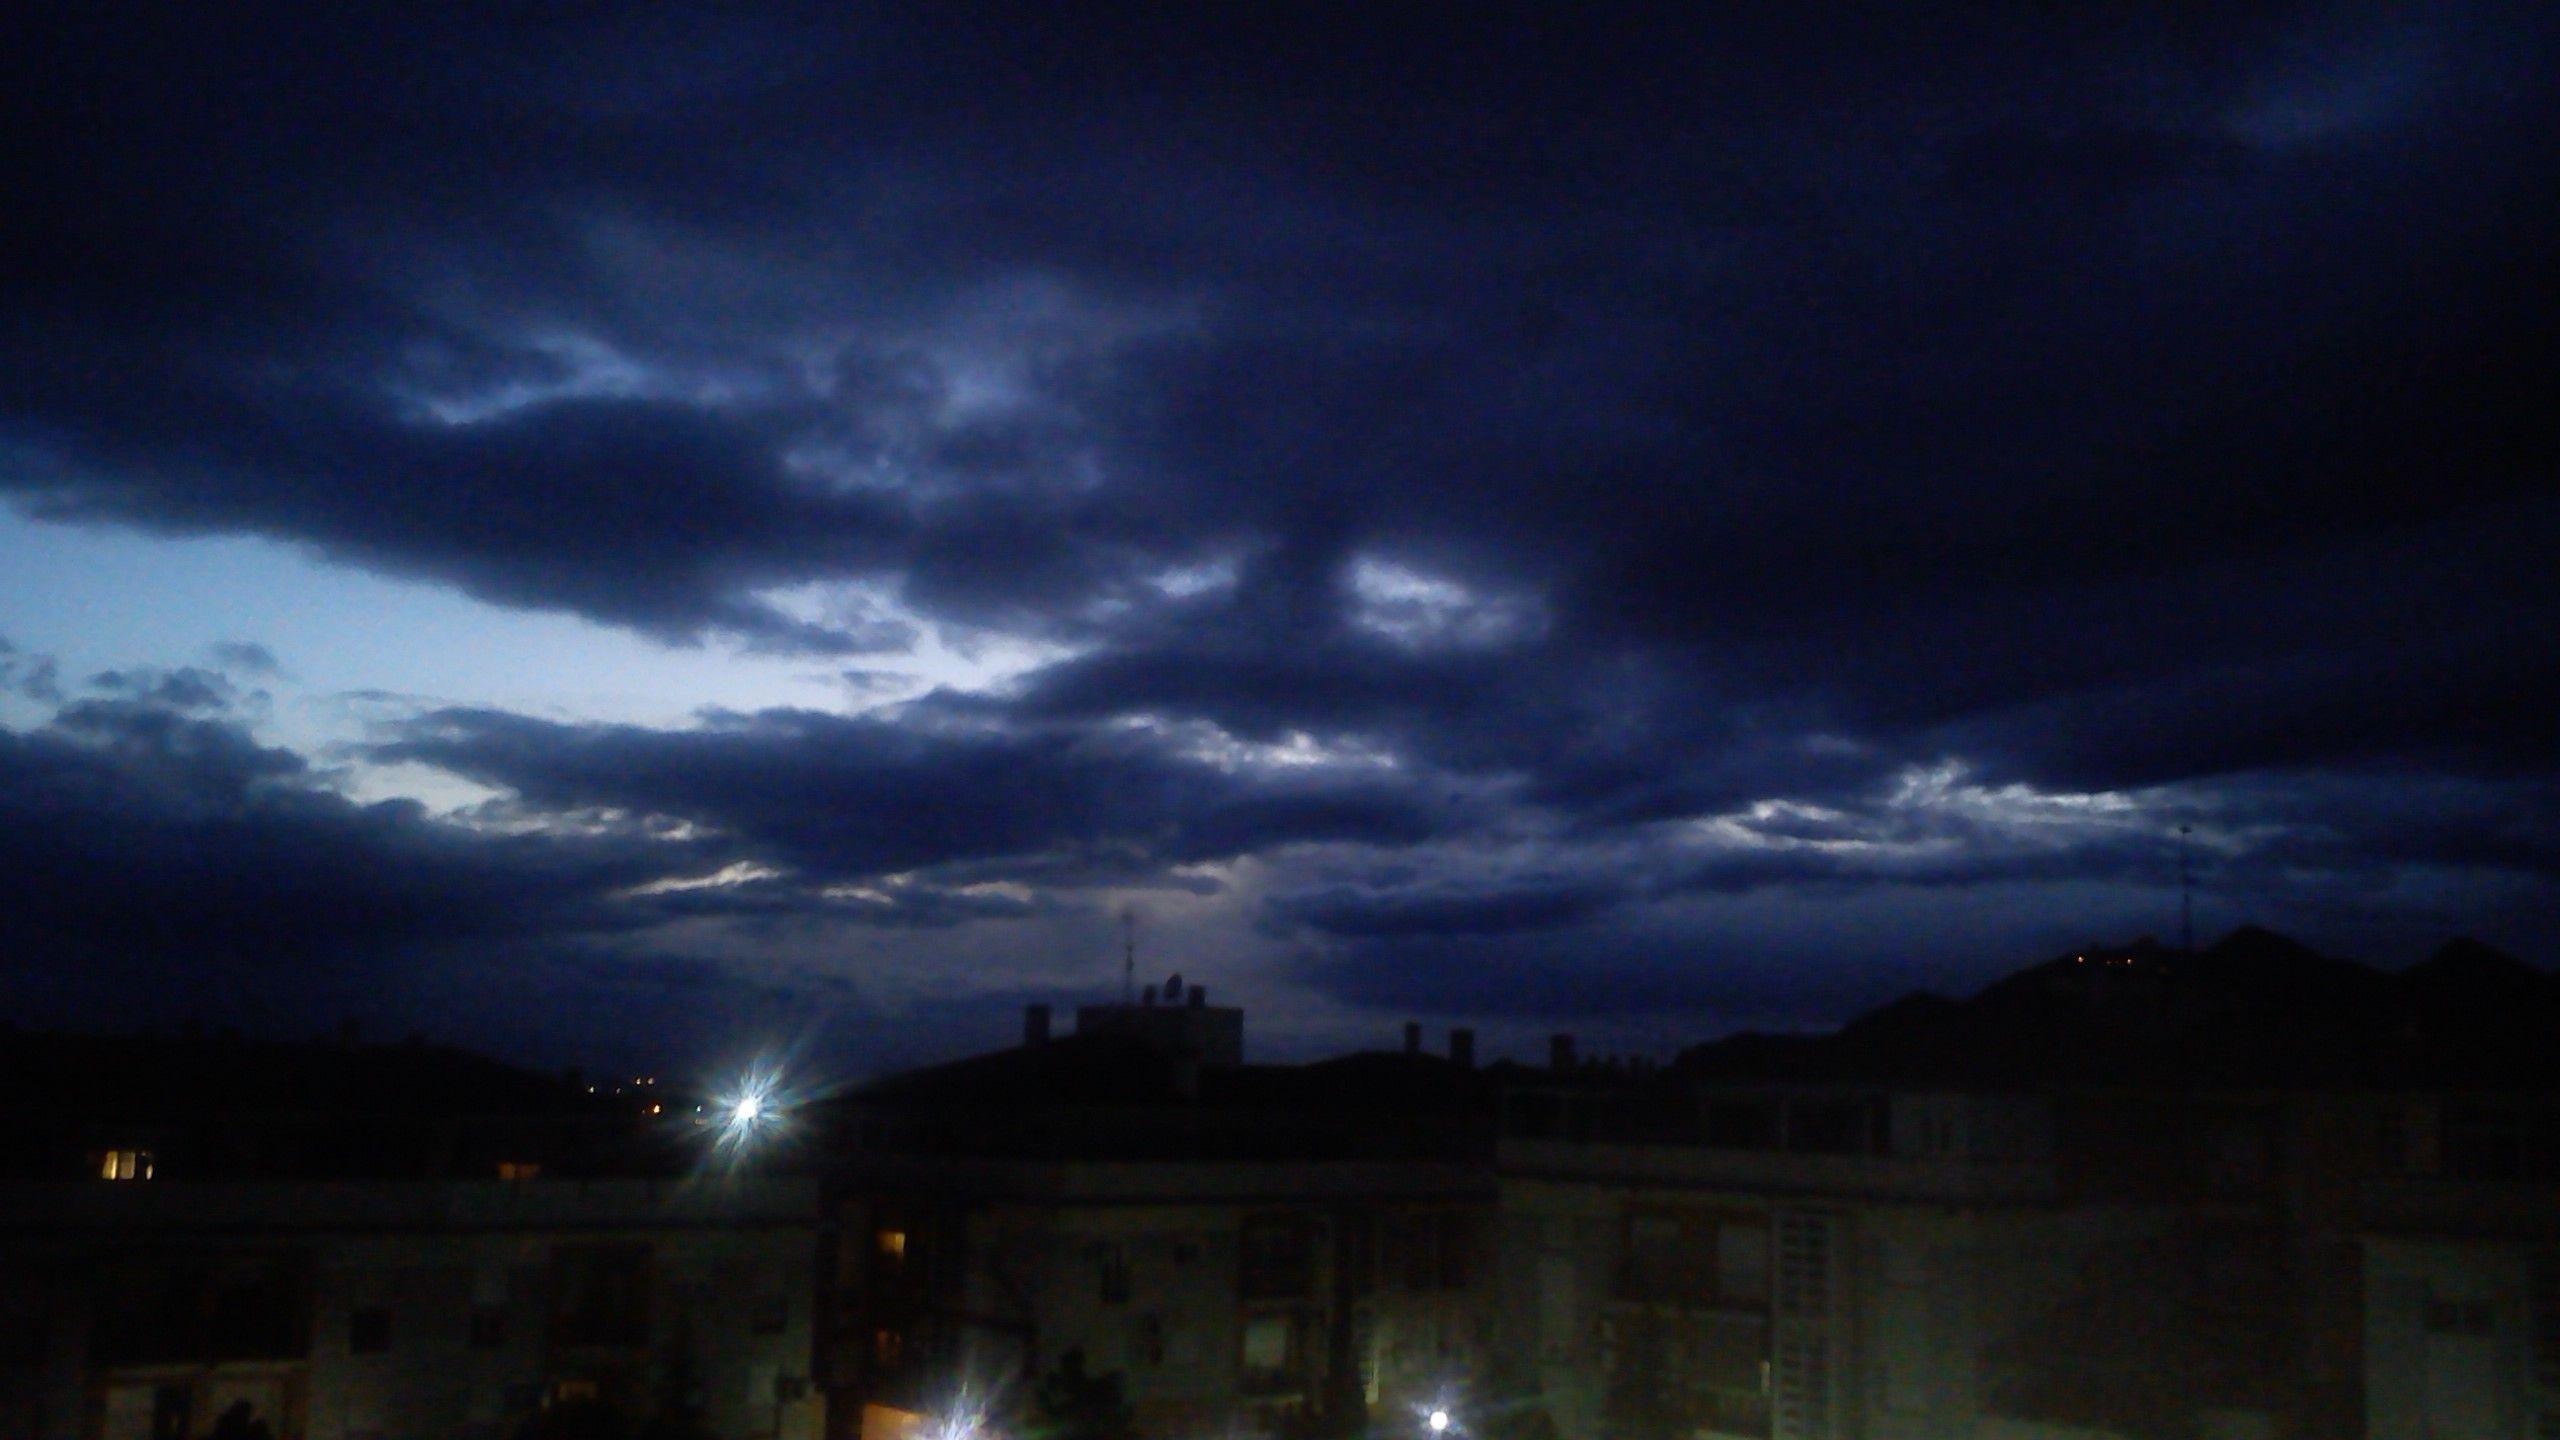 ....noche de terror...y misterio.. (desde mi terraza)